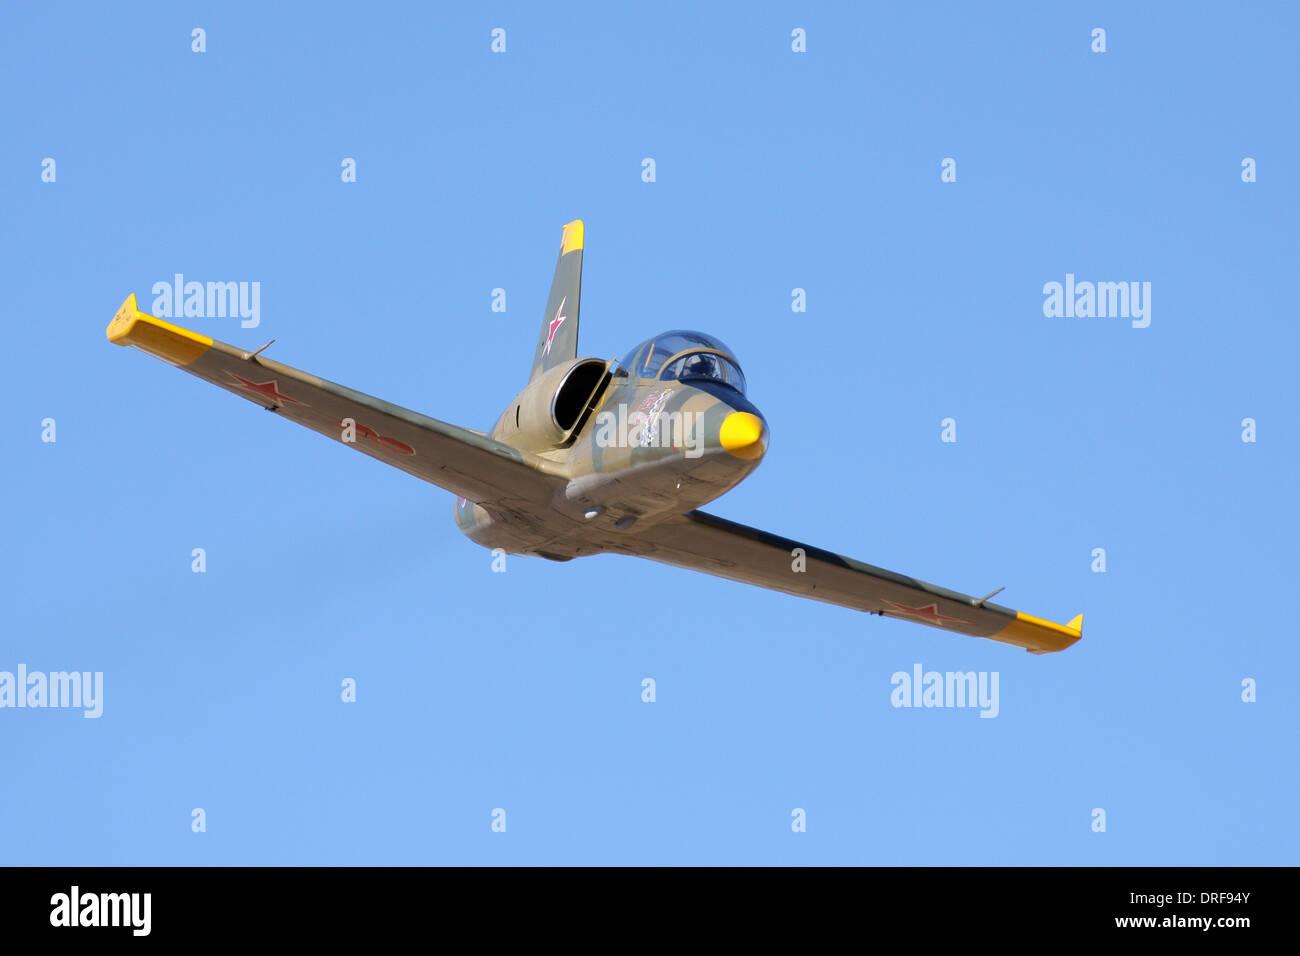 Aero Vodochody L-39 Albatross in volo durante un getto di classe gara di calore come parte del 2010 Reno Campionato Nazionale gare d'aria. Foto Stock